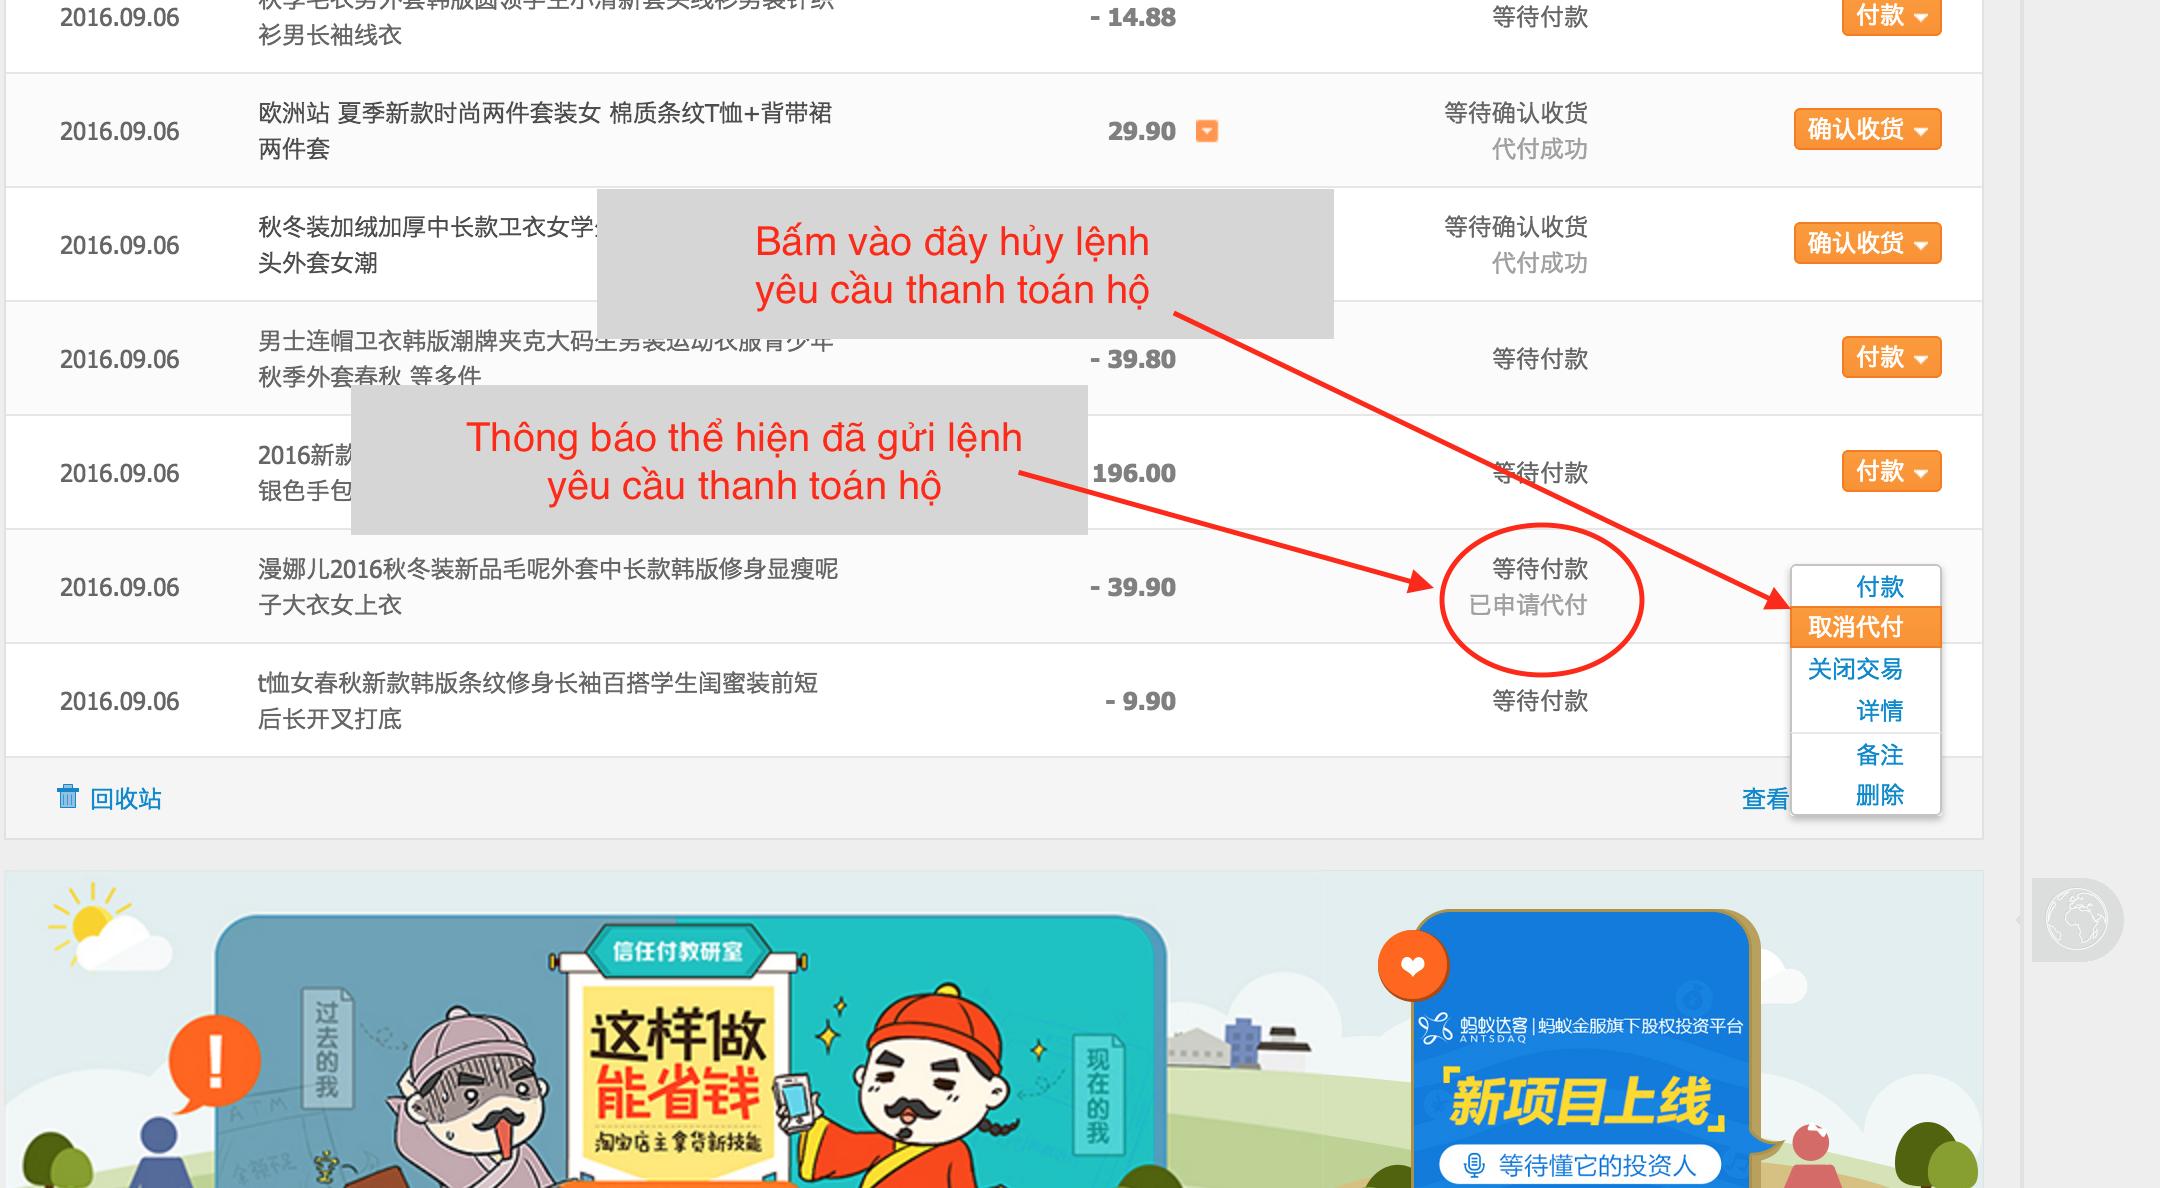 Hủy lệnh thanh toán hộ Alipay